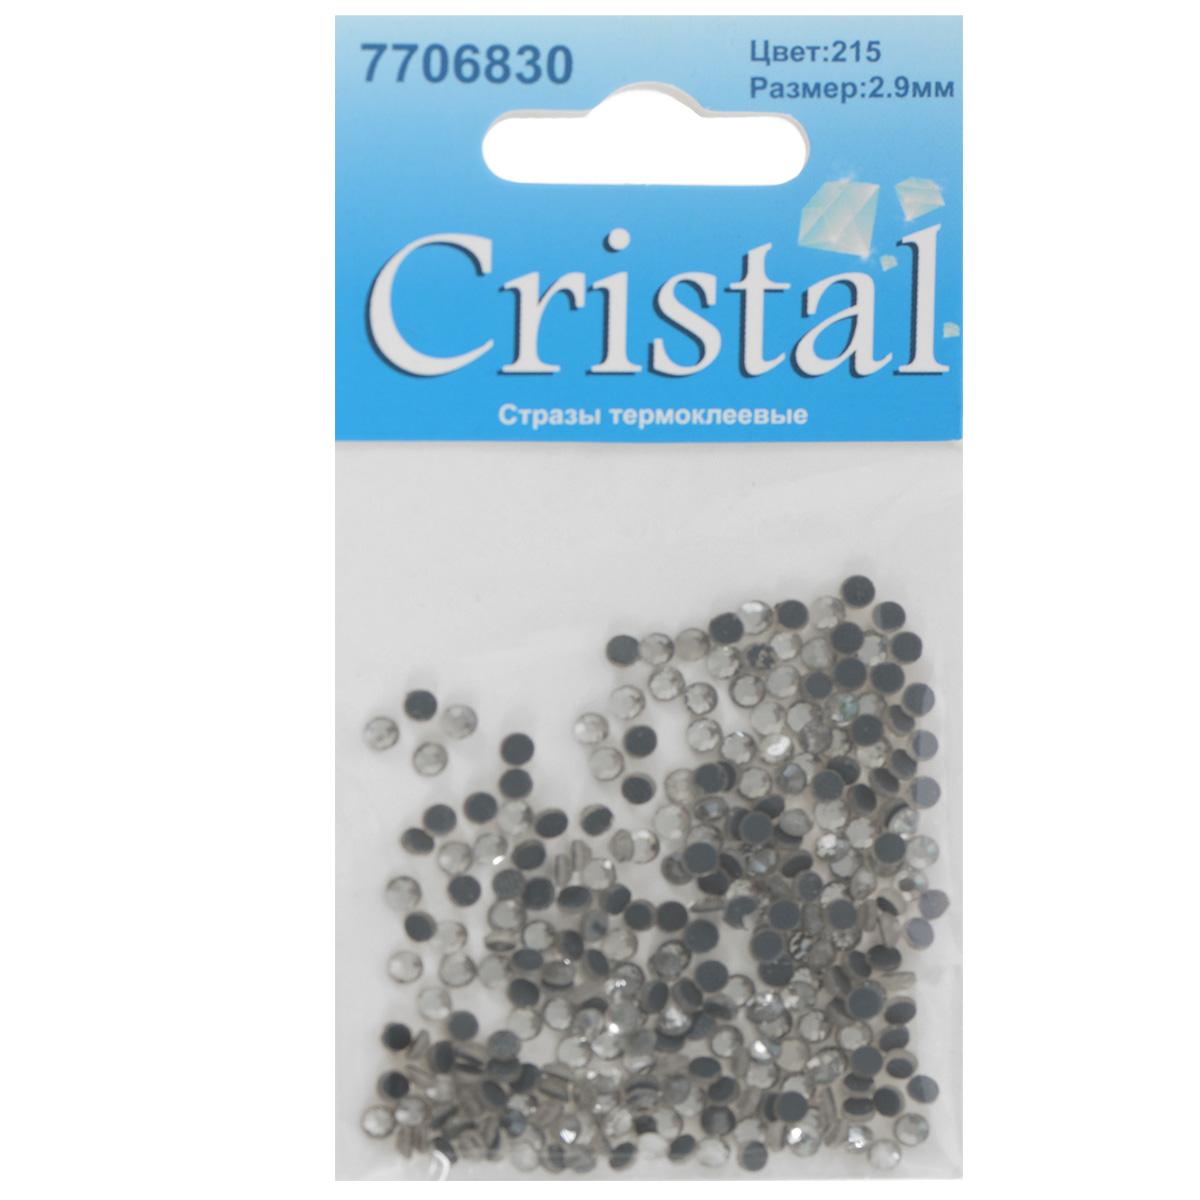 Стразы термоклеевые Cristal, цвет: белый (215), диаметр 2,9 мм, 288 шт7706830_215Набор термоклеевых страз Cristal, изготовленный из высококачественного акрила, позволит вам украсить одежду, аксессуары или текстиль. Яркие стразы имеют плоское дно и круглую поверхность с гранями. Дно термоклеевых страз уже обработано особым клеем, который под воздействием высоких температур начинает плавиться, приклеиваясь, таким образом, к требуемой поверхности. Чаще всего их используют в текстильной промышленности: стразы прикладывают к ткани и проглаживают утюгом с обратной стороны. Также можно использовать специальный паяльник. Украшение стразами поможет сделать любую вещь оригинальной и неповторимой. Диаметр страз: 2,9 мм.